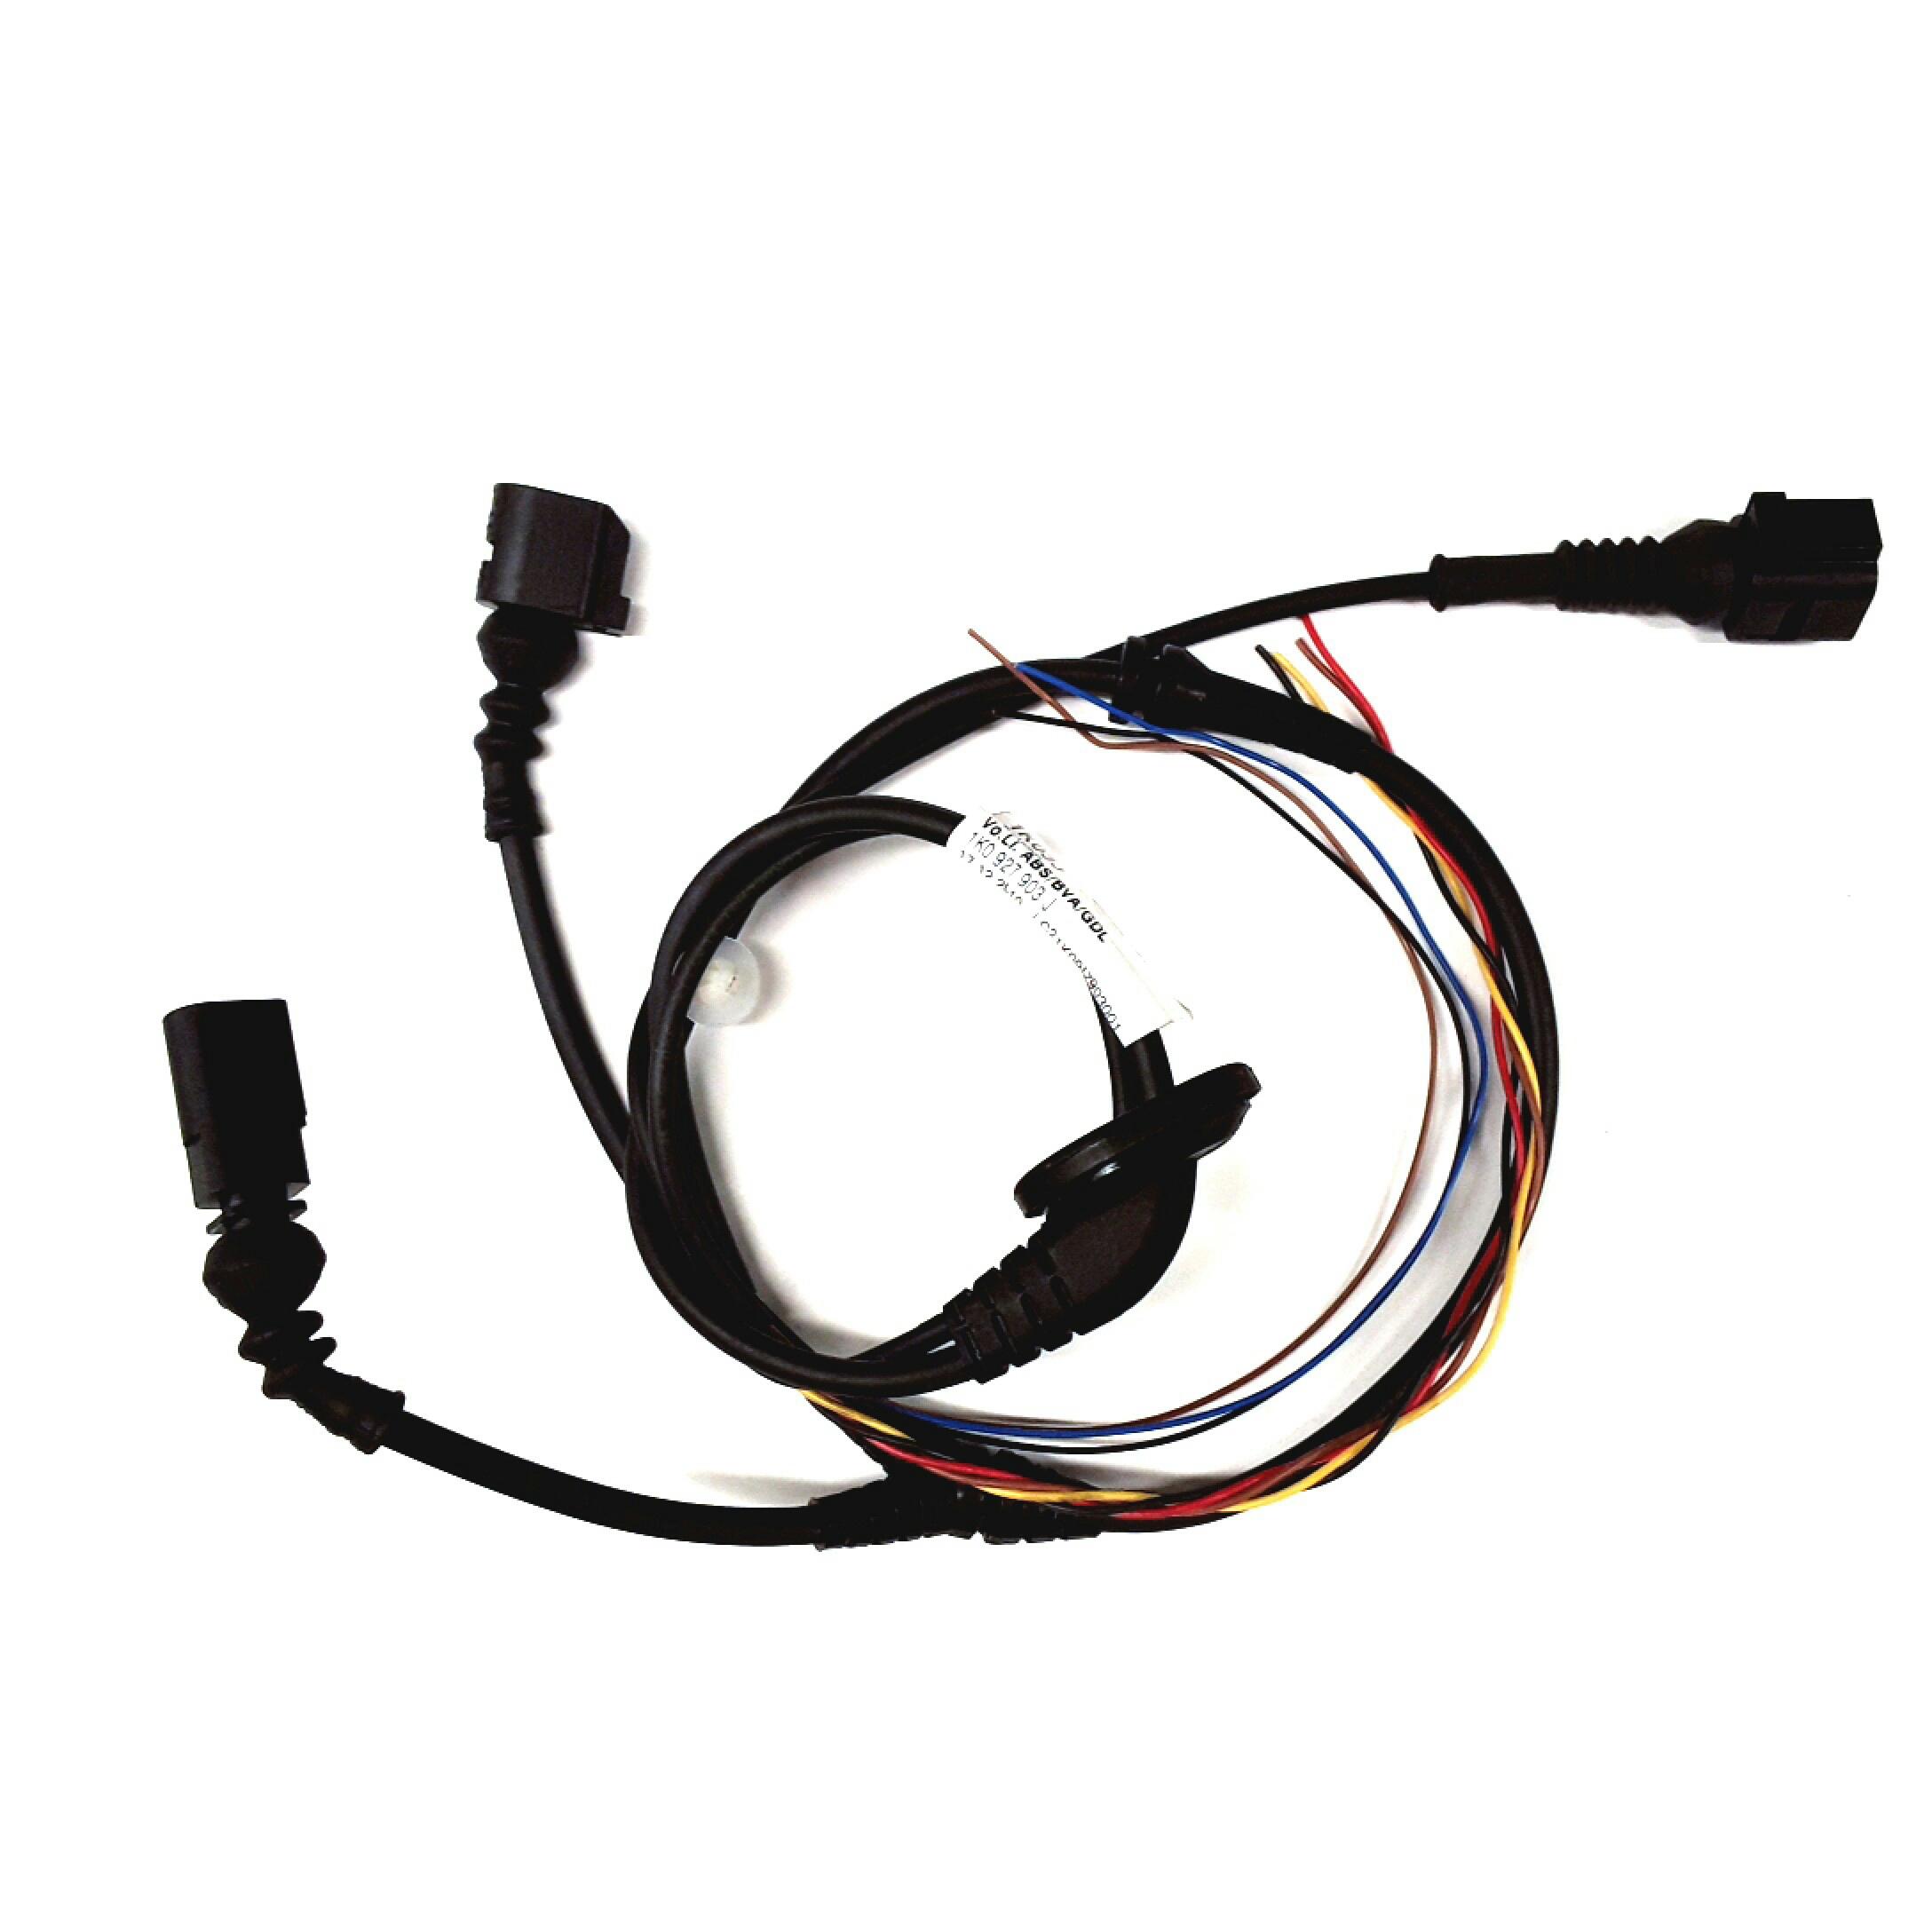 Wiring Harness For Volkswagen Jetta : Volkswagen jetta abs sensor wire harness headlamps